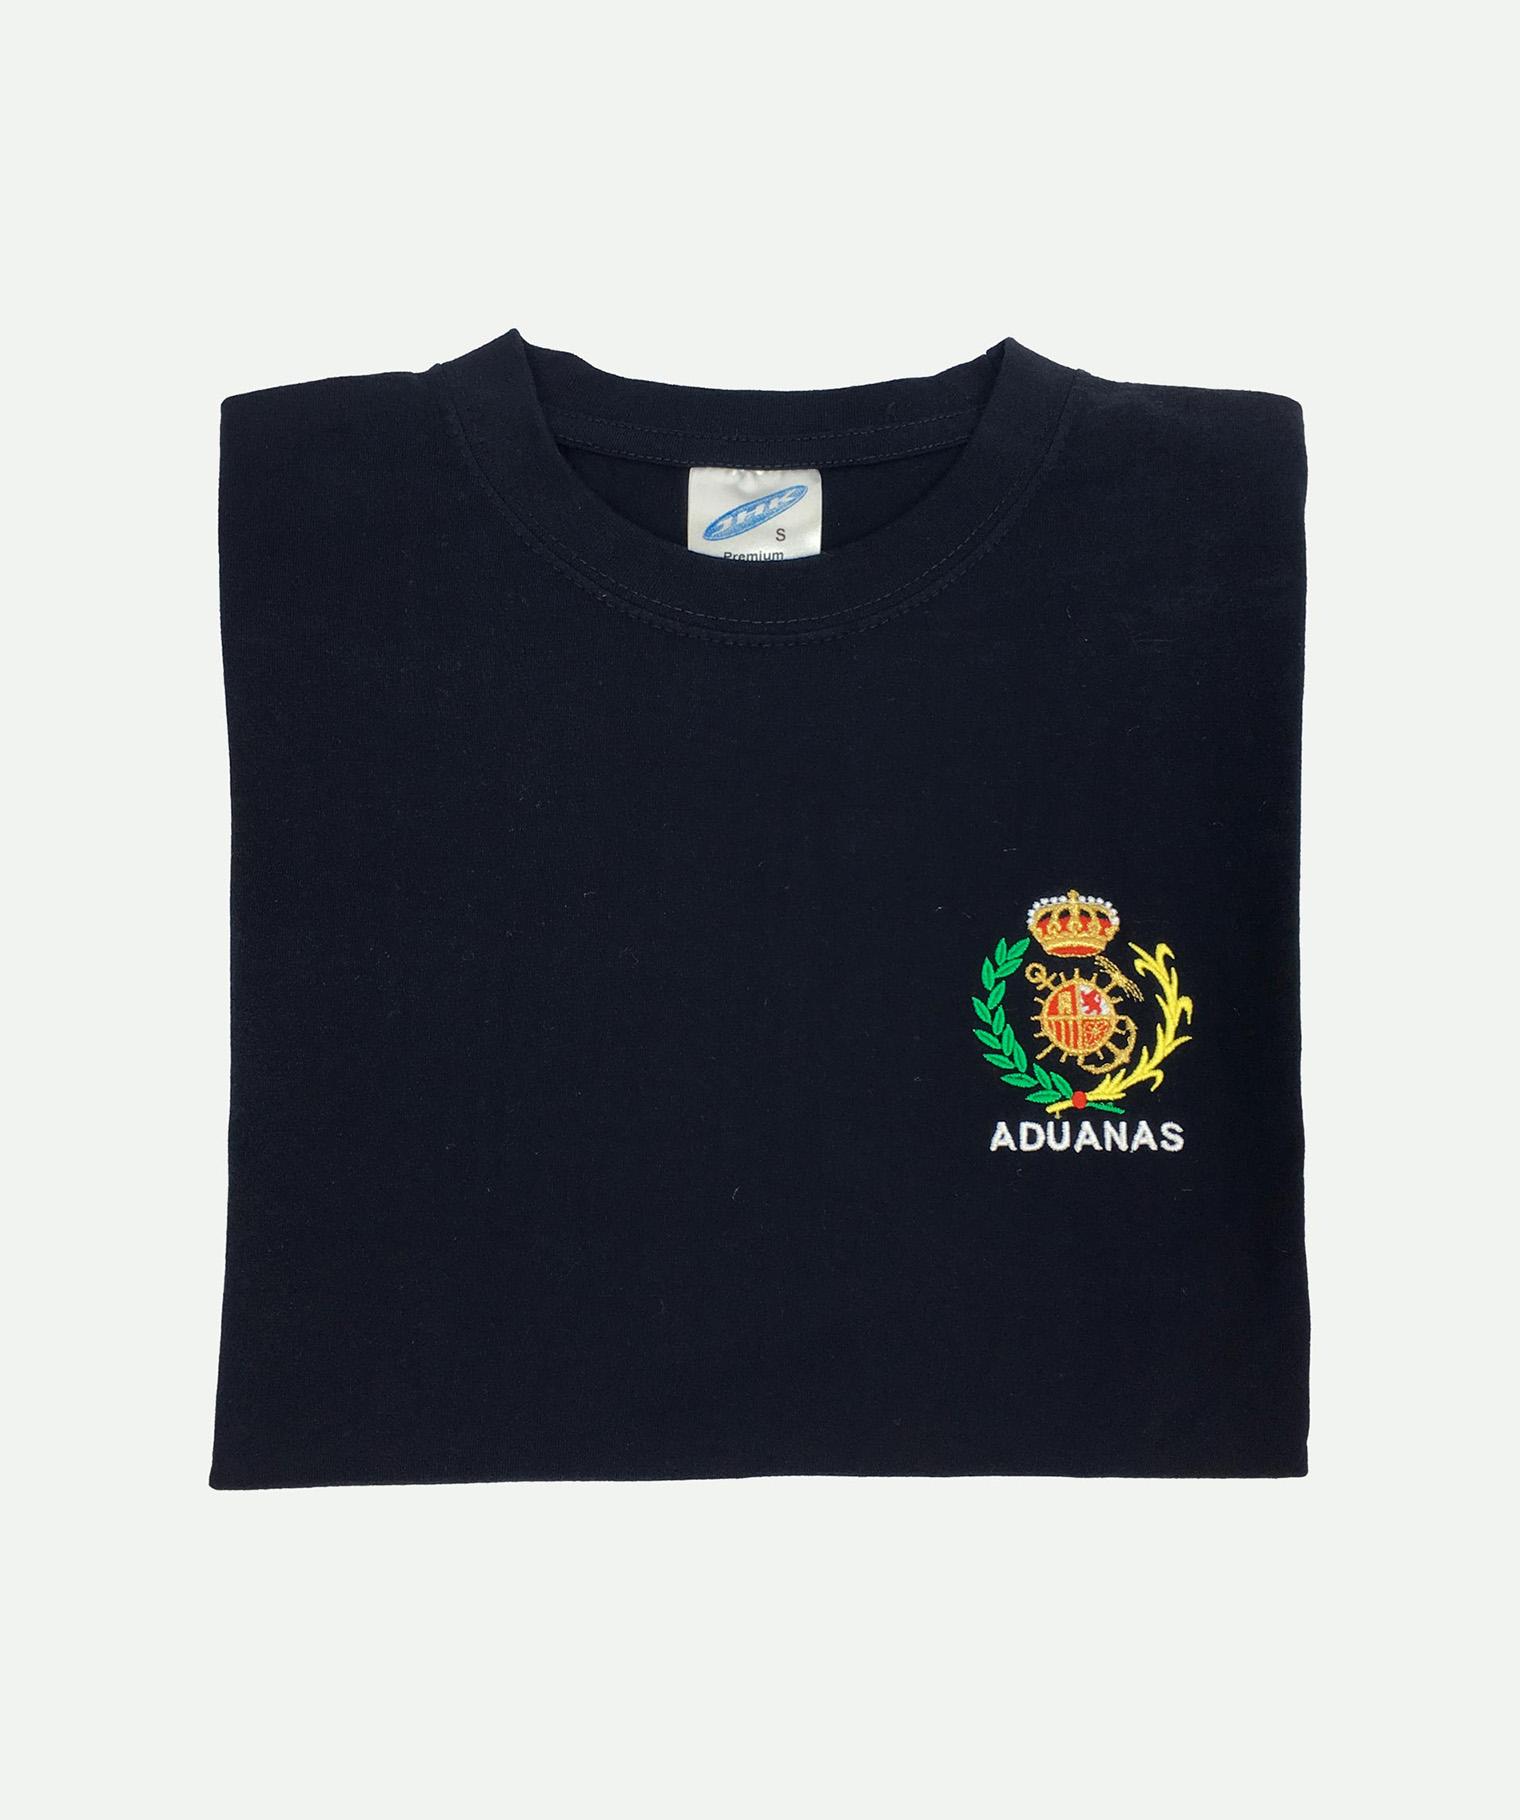 Camiseta bordada marino